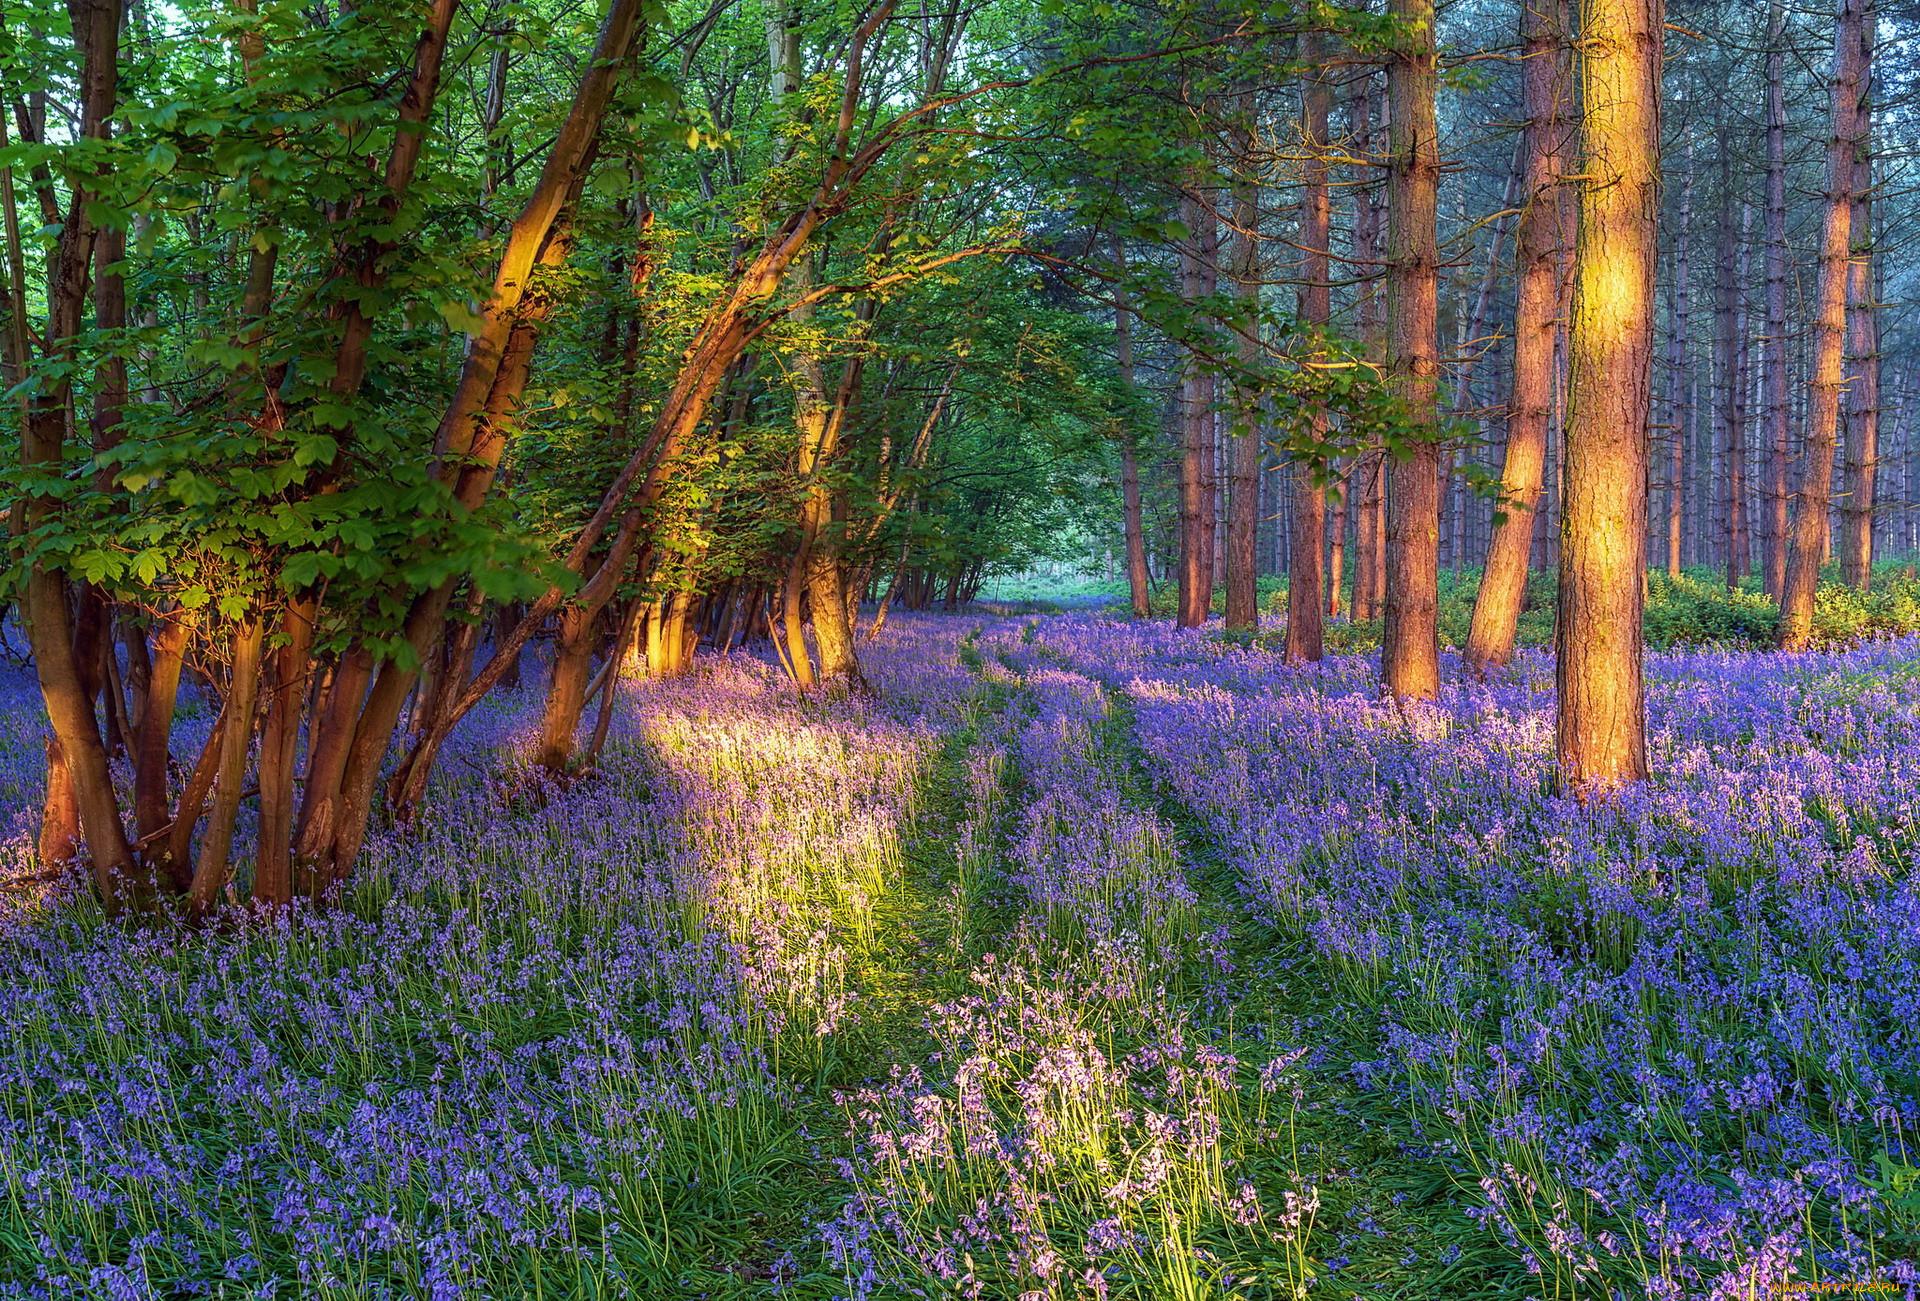 природа, лес, весна, цветы